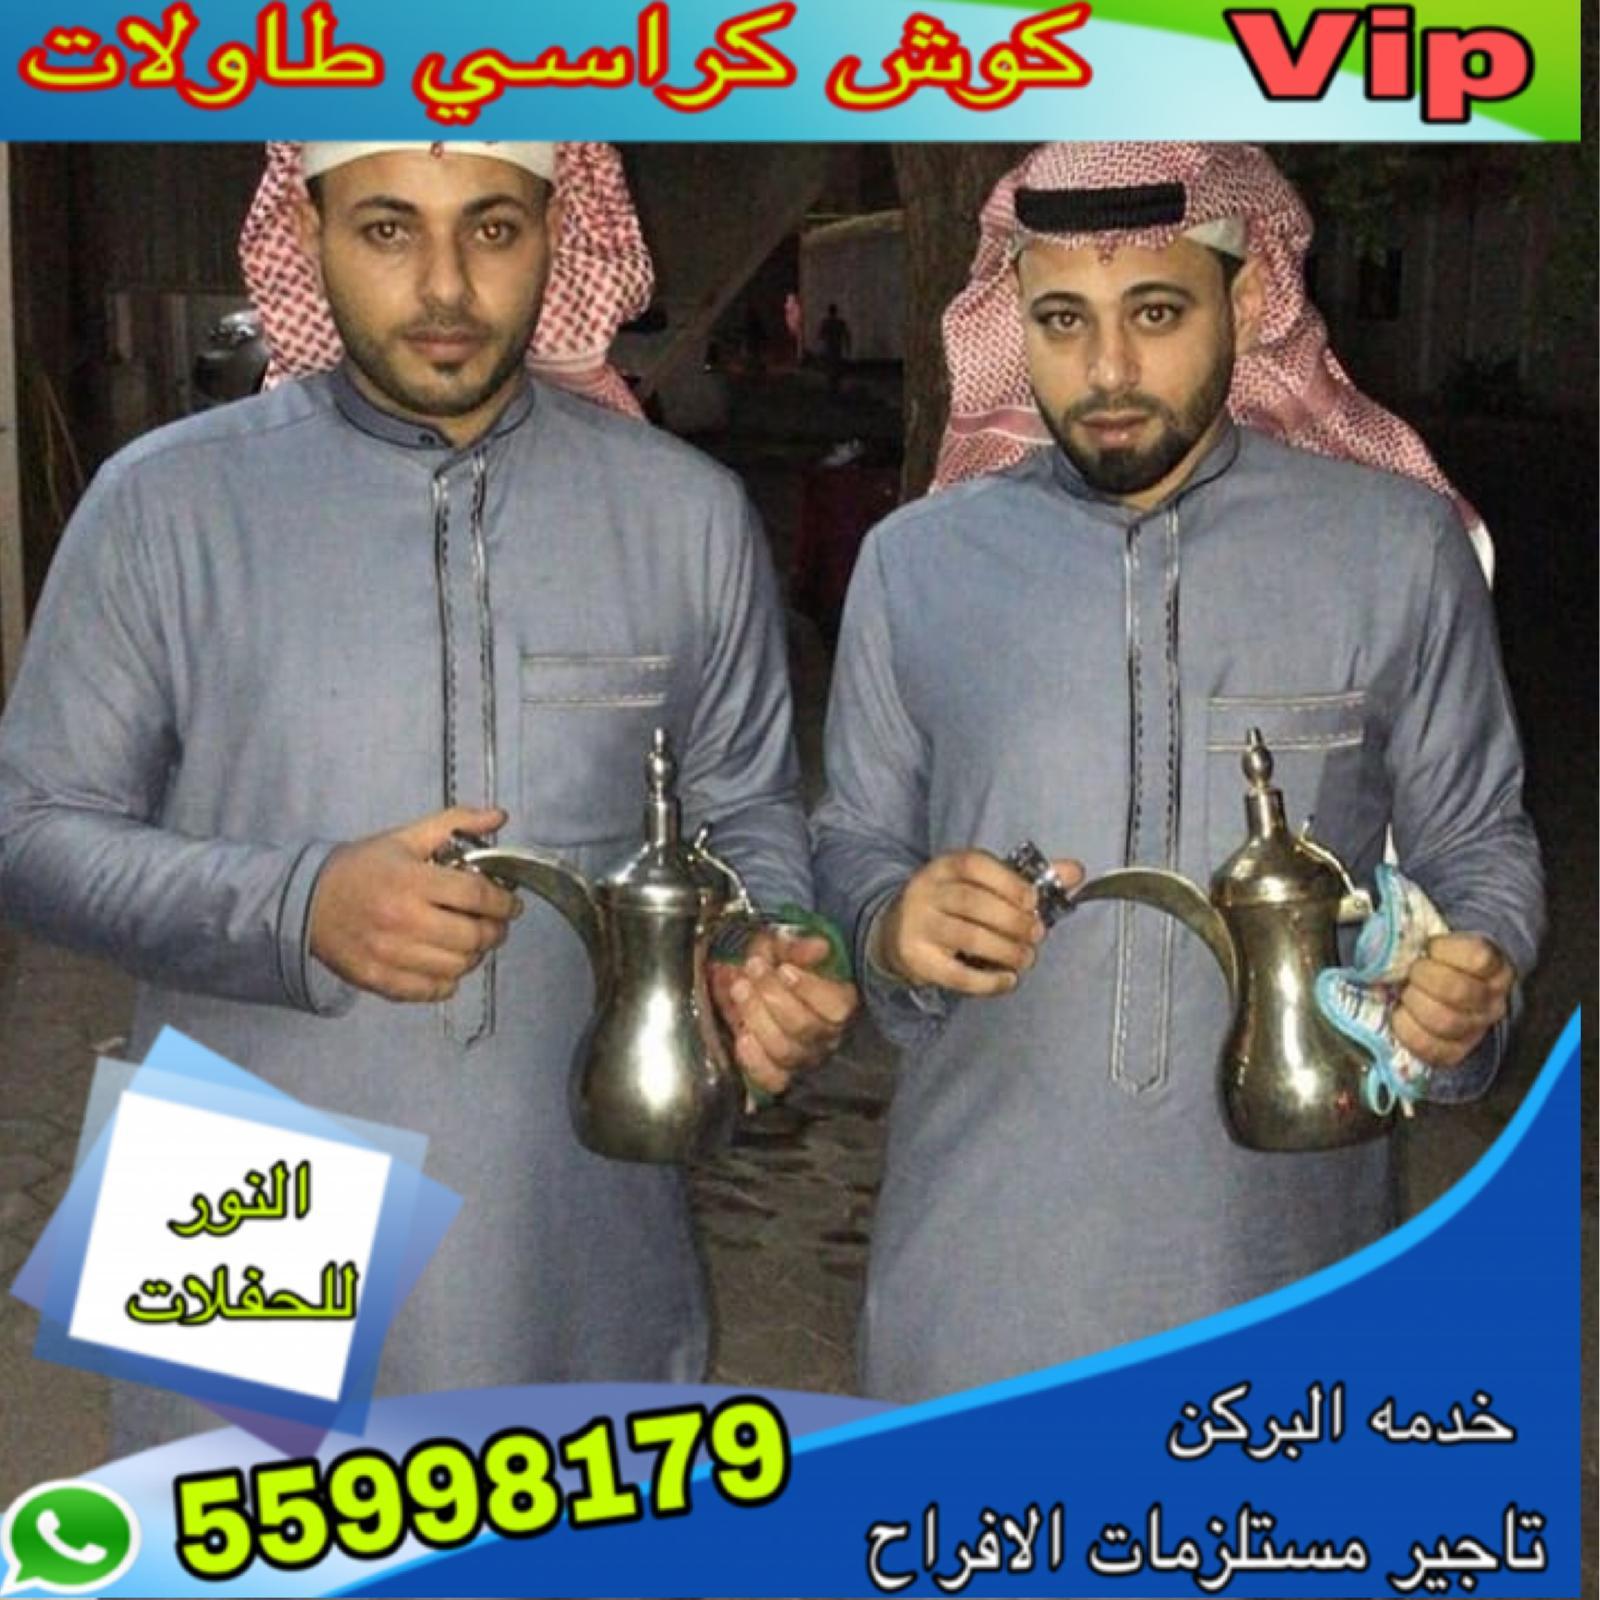 افضل صبابين قهوه وشاي بالكويت